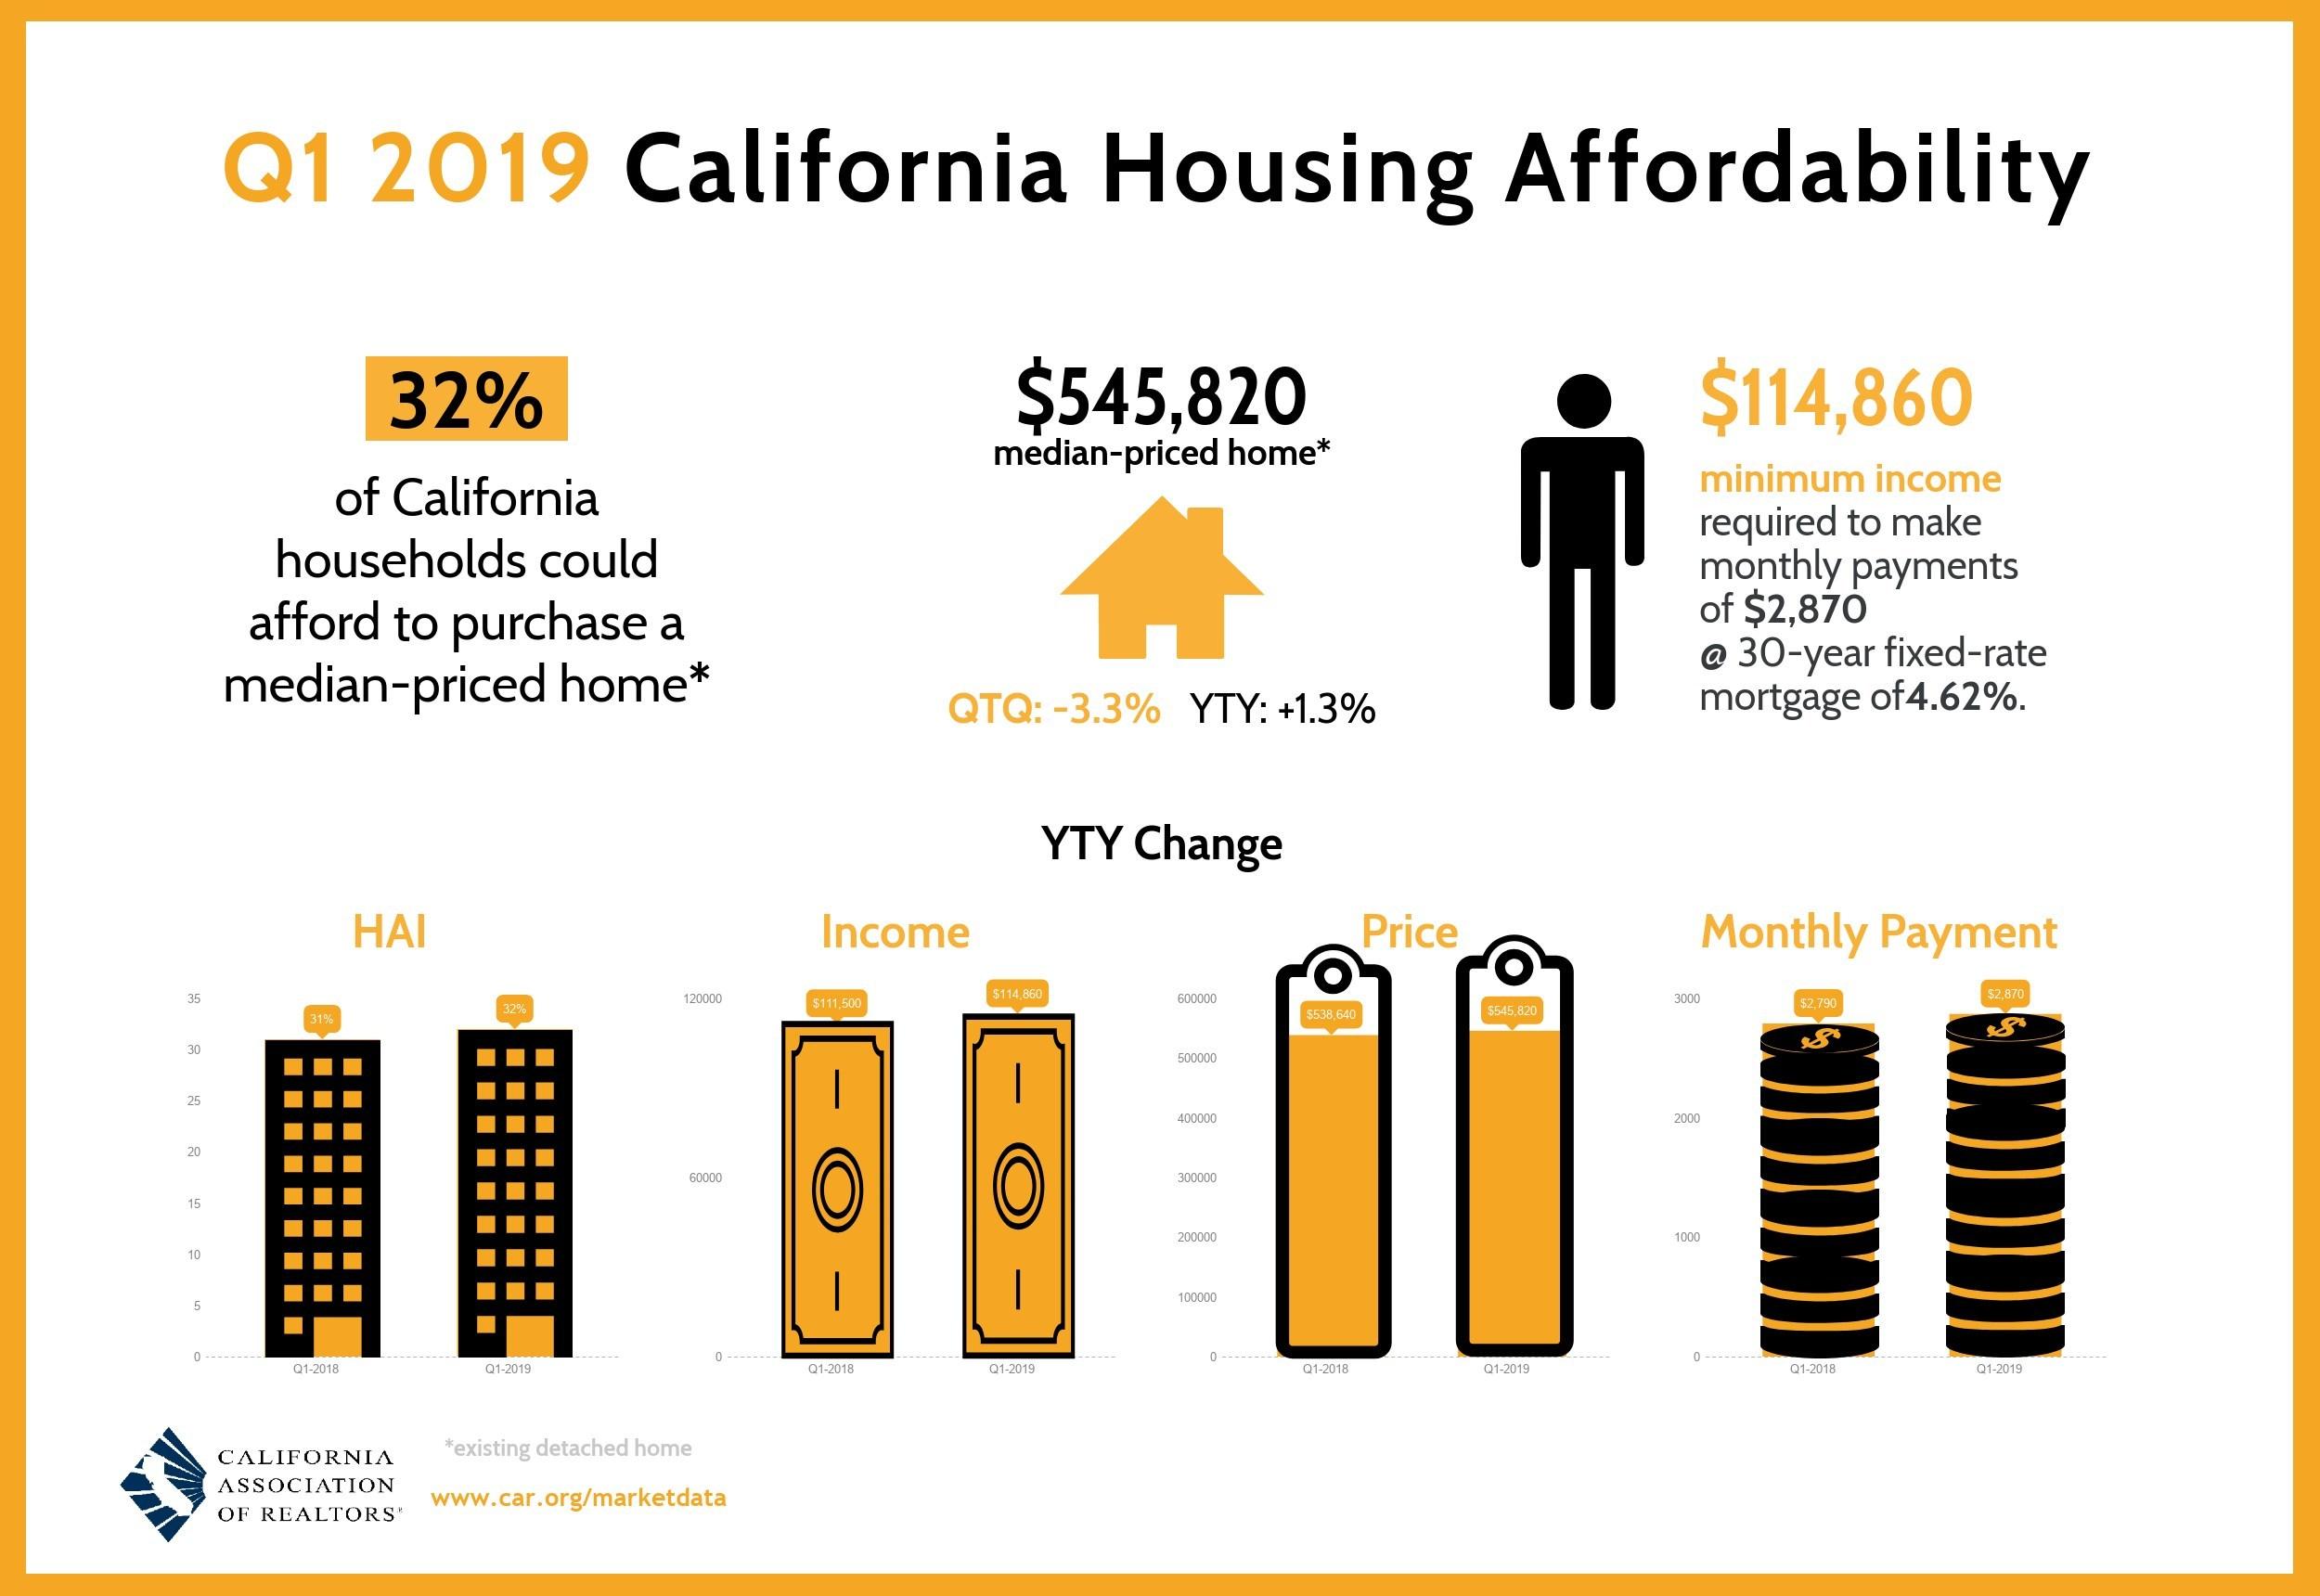 First quarter 2019 California Housing Affordability